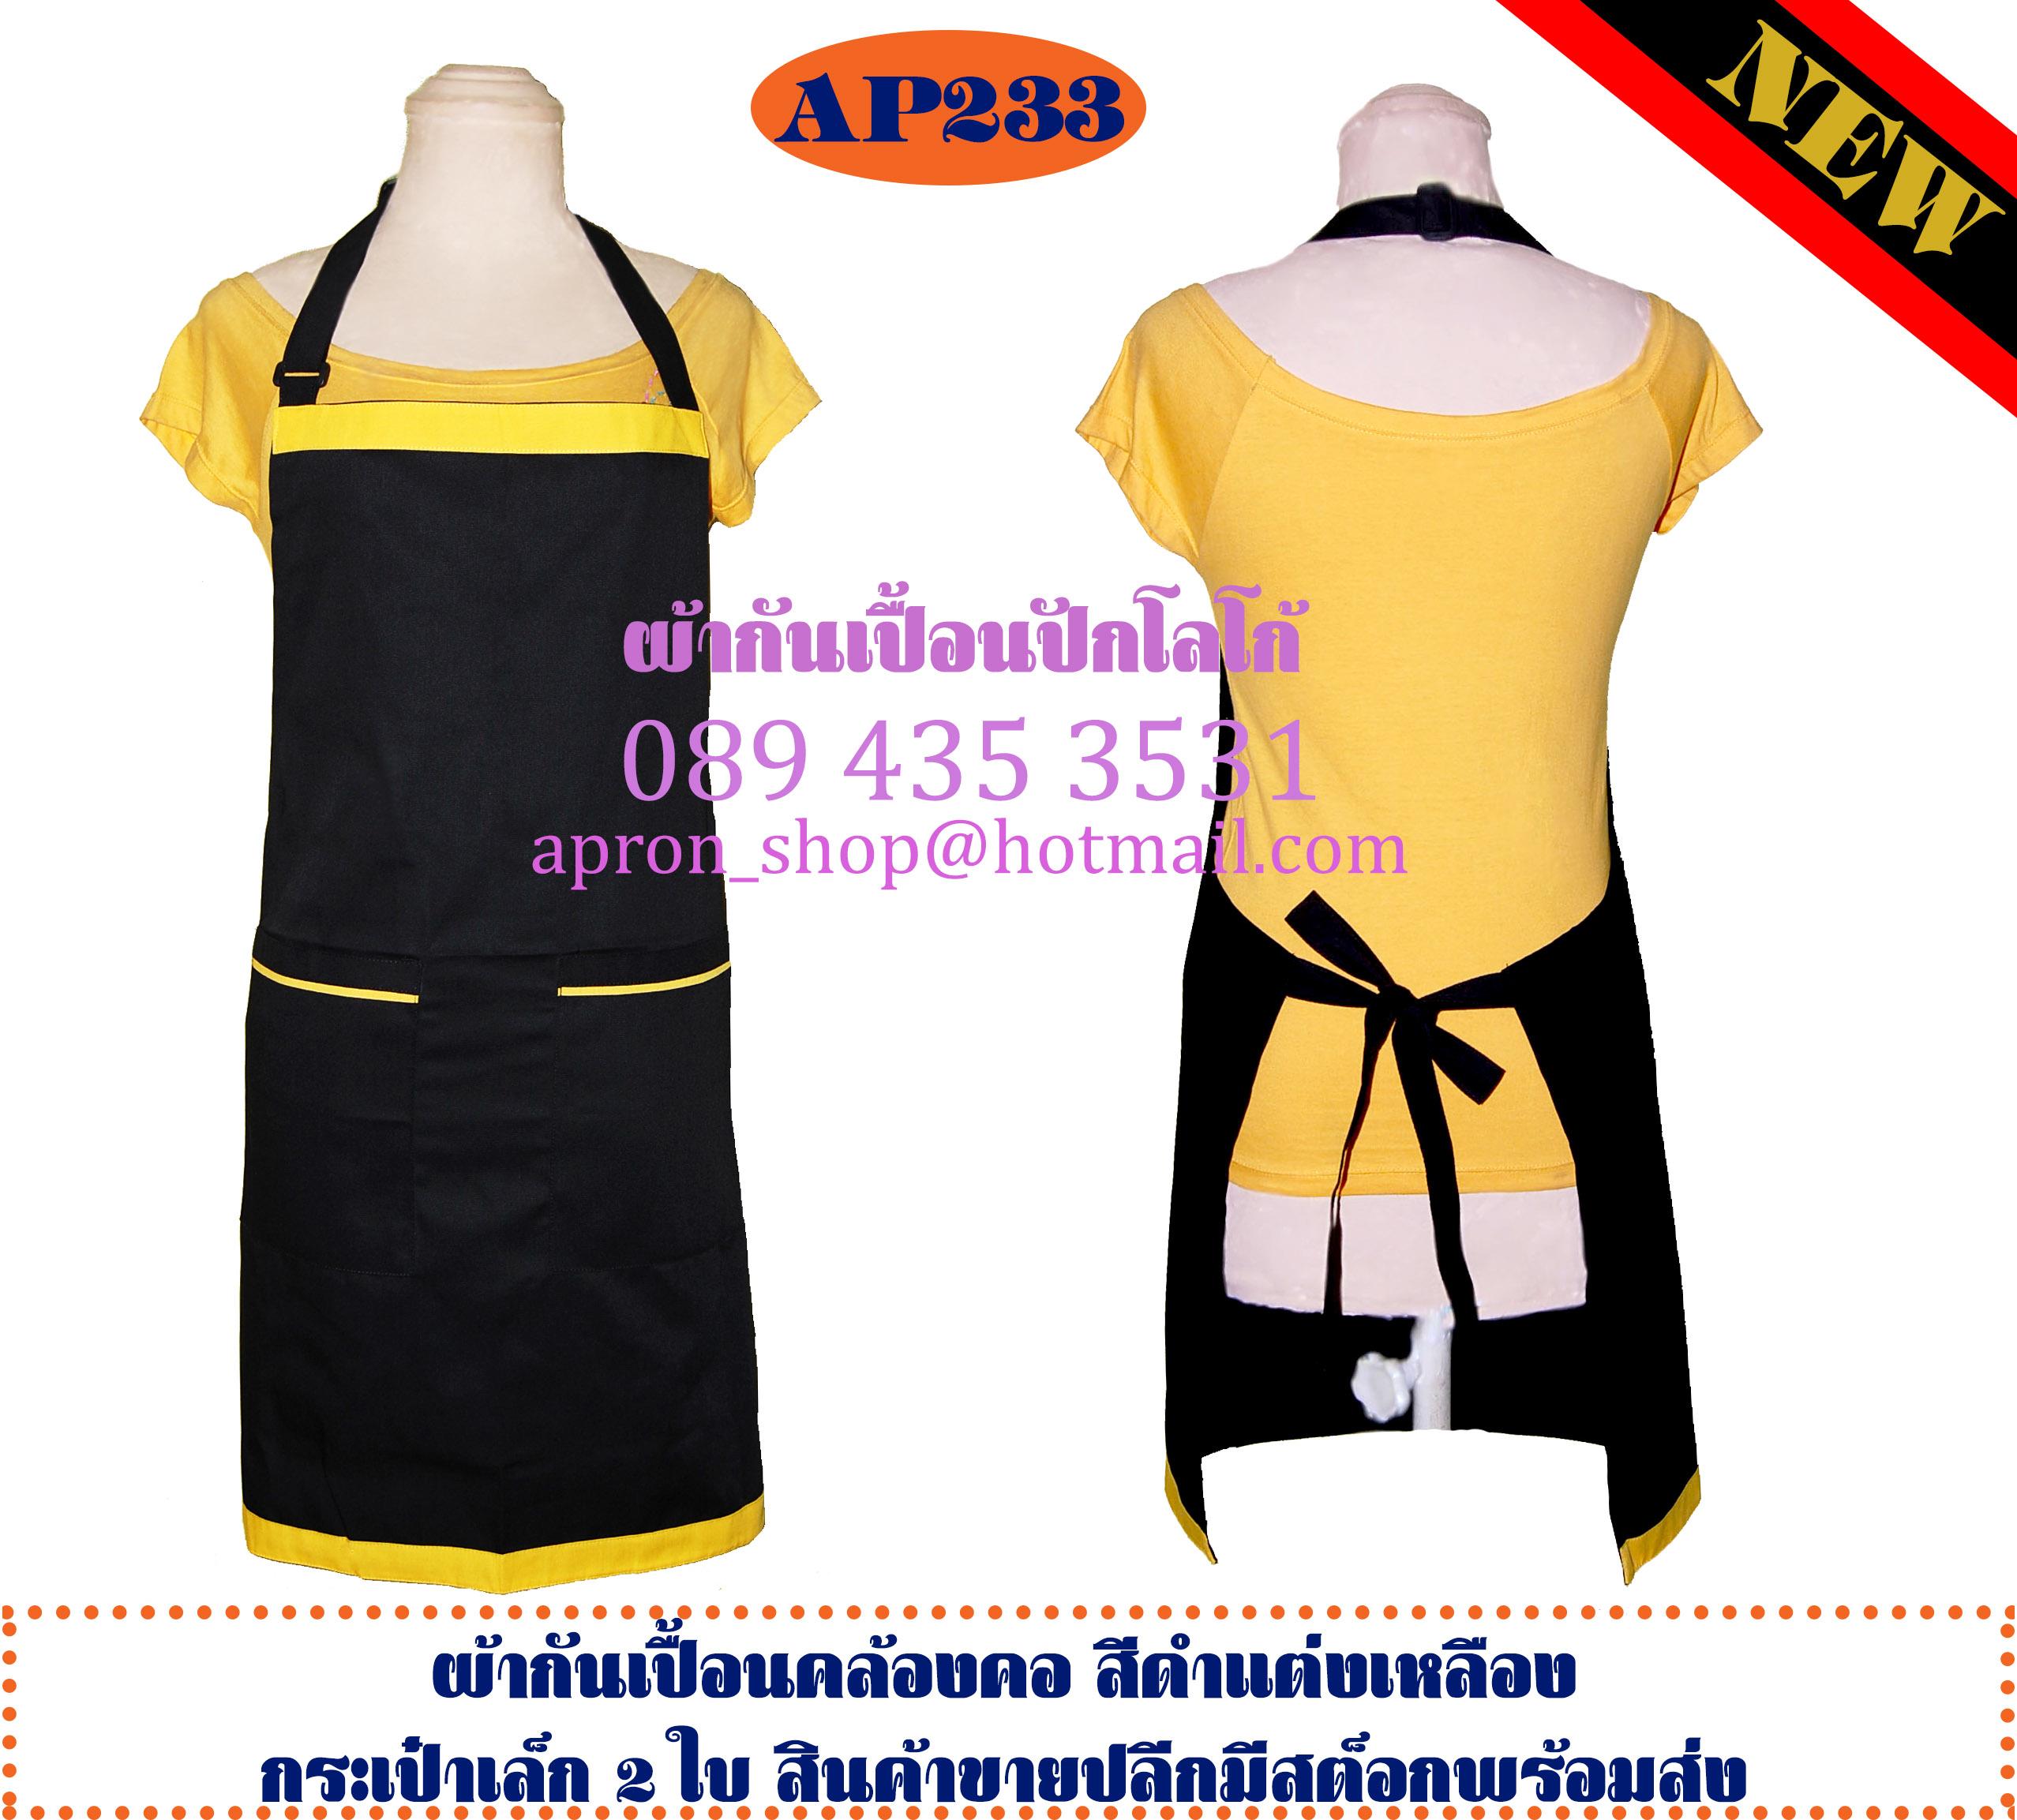 ผ้ากันเปื้อนเต็มตัว แบบคล้องคอ สีดำ แต่งเหลือง 2กระเป๋า